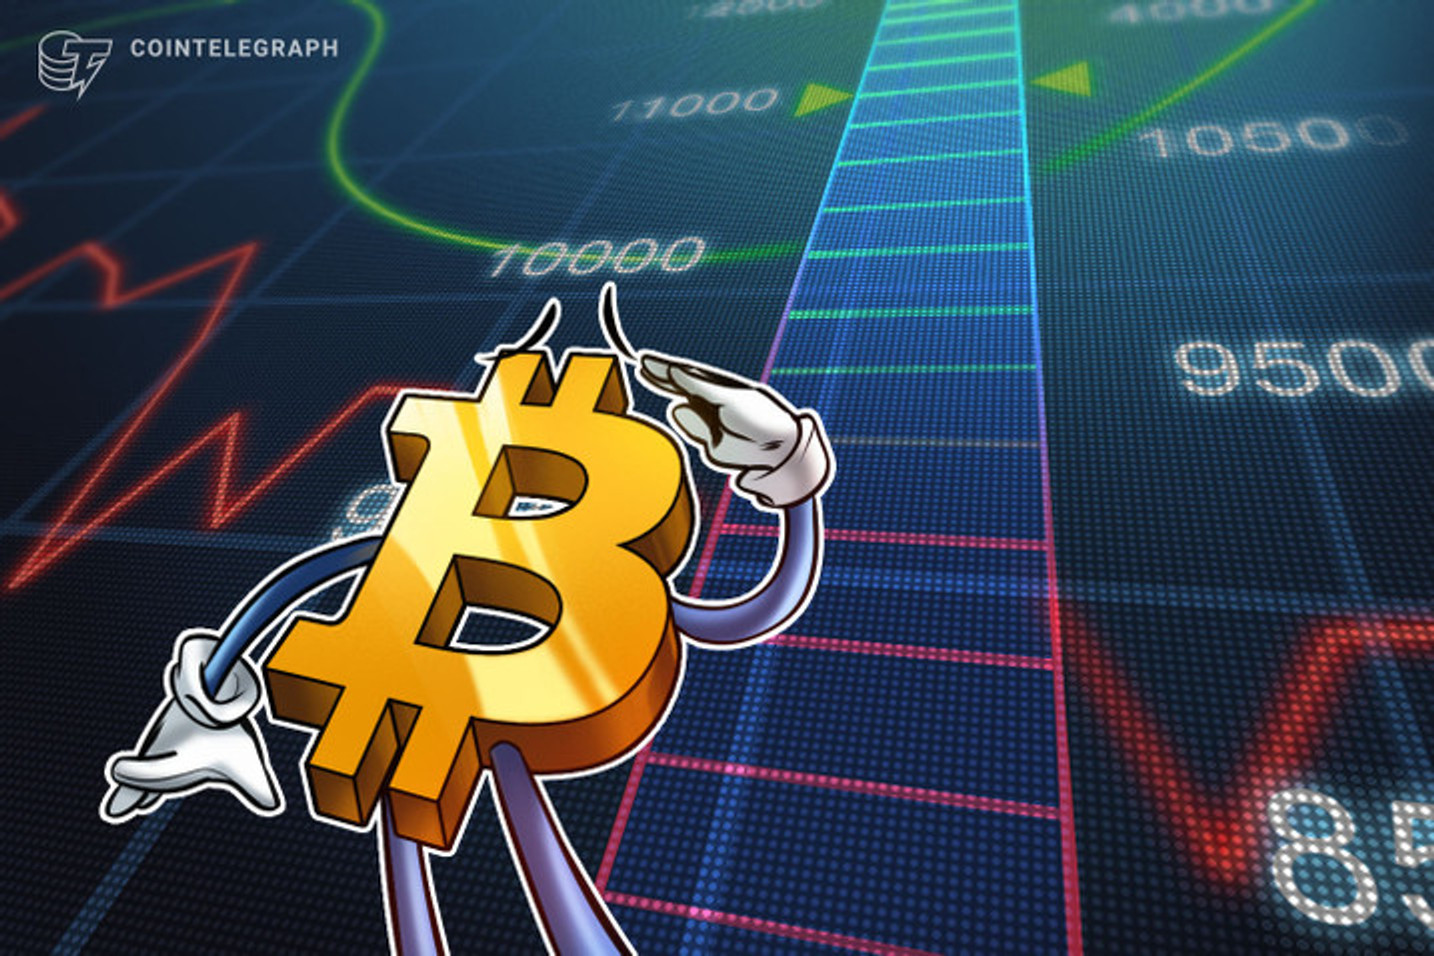 La teoría de precios de Bitcoin después de los halvings de 2012 y 2016 dice que el activo podría alcanzar los 100.000 dólares en 2020